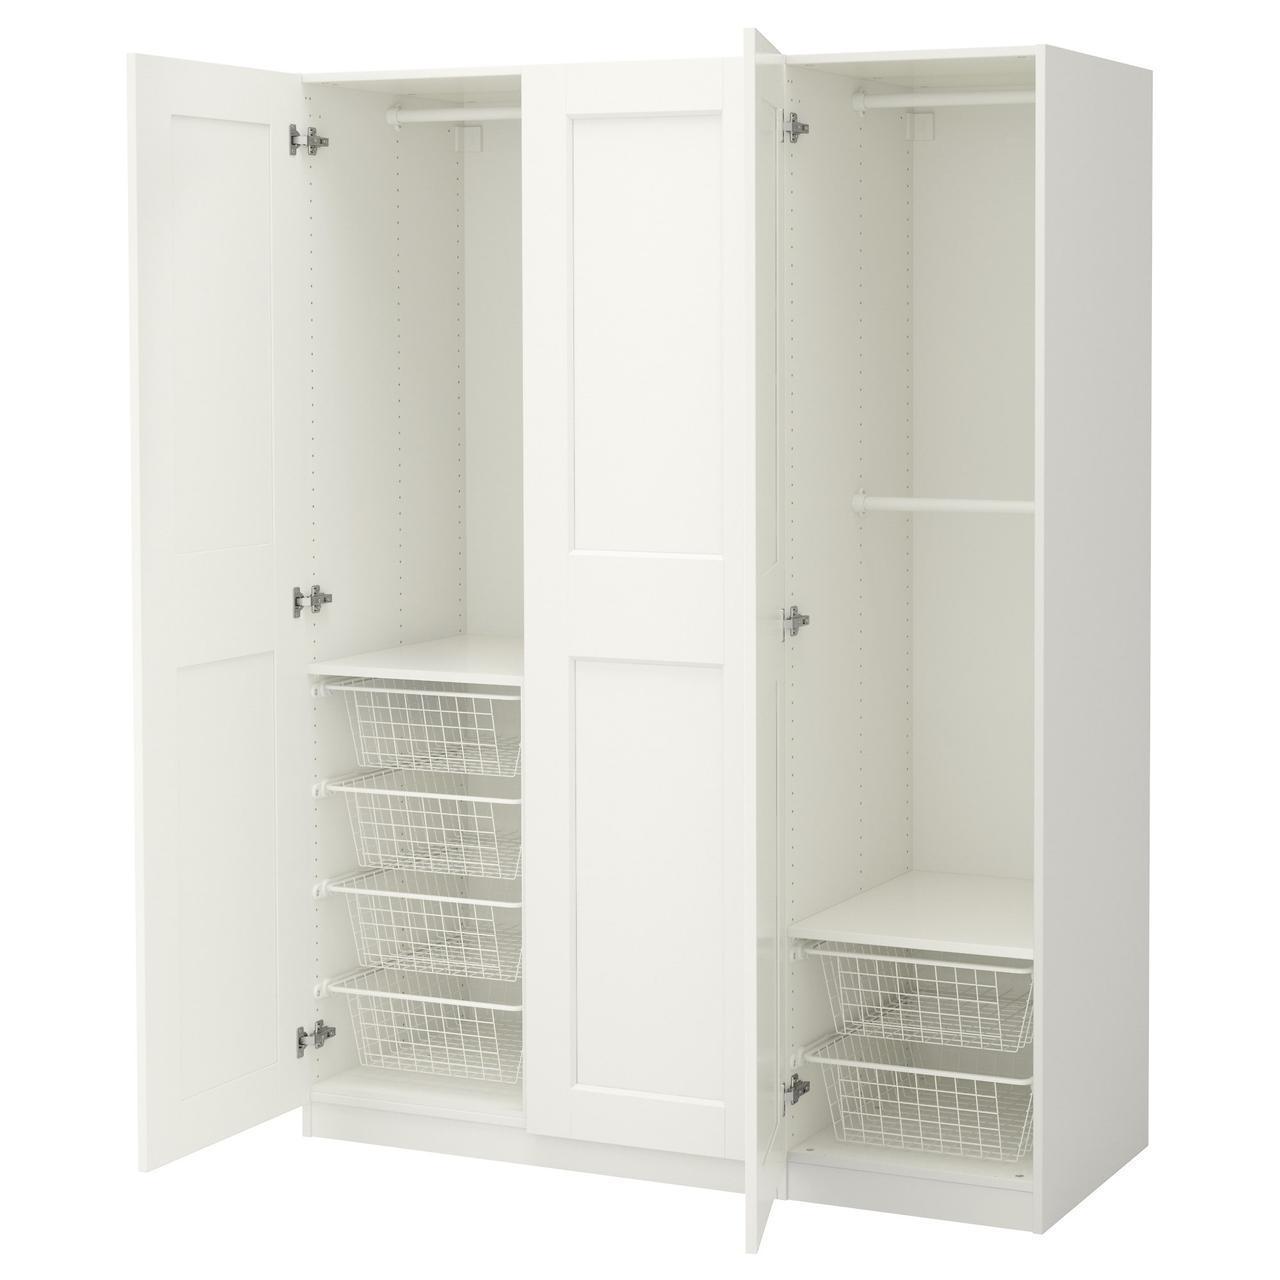 Шкаф IKEA PAX Grimo белый 092.192.16